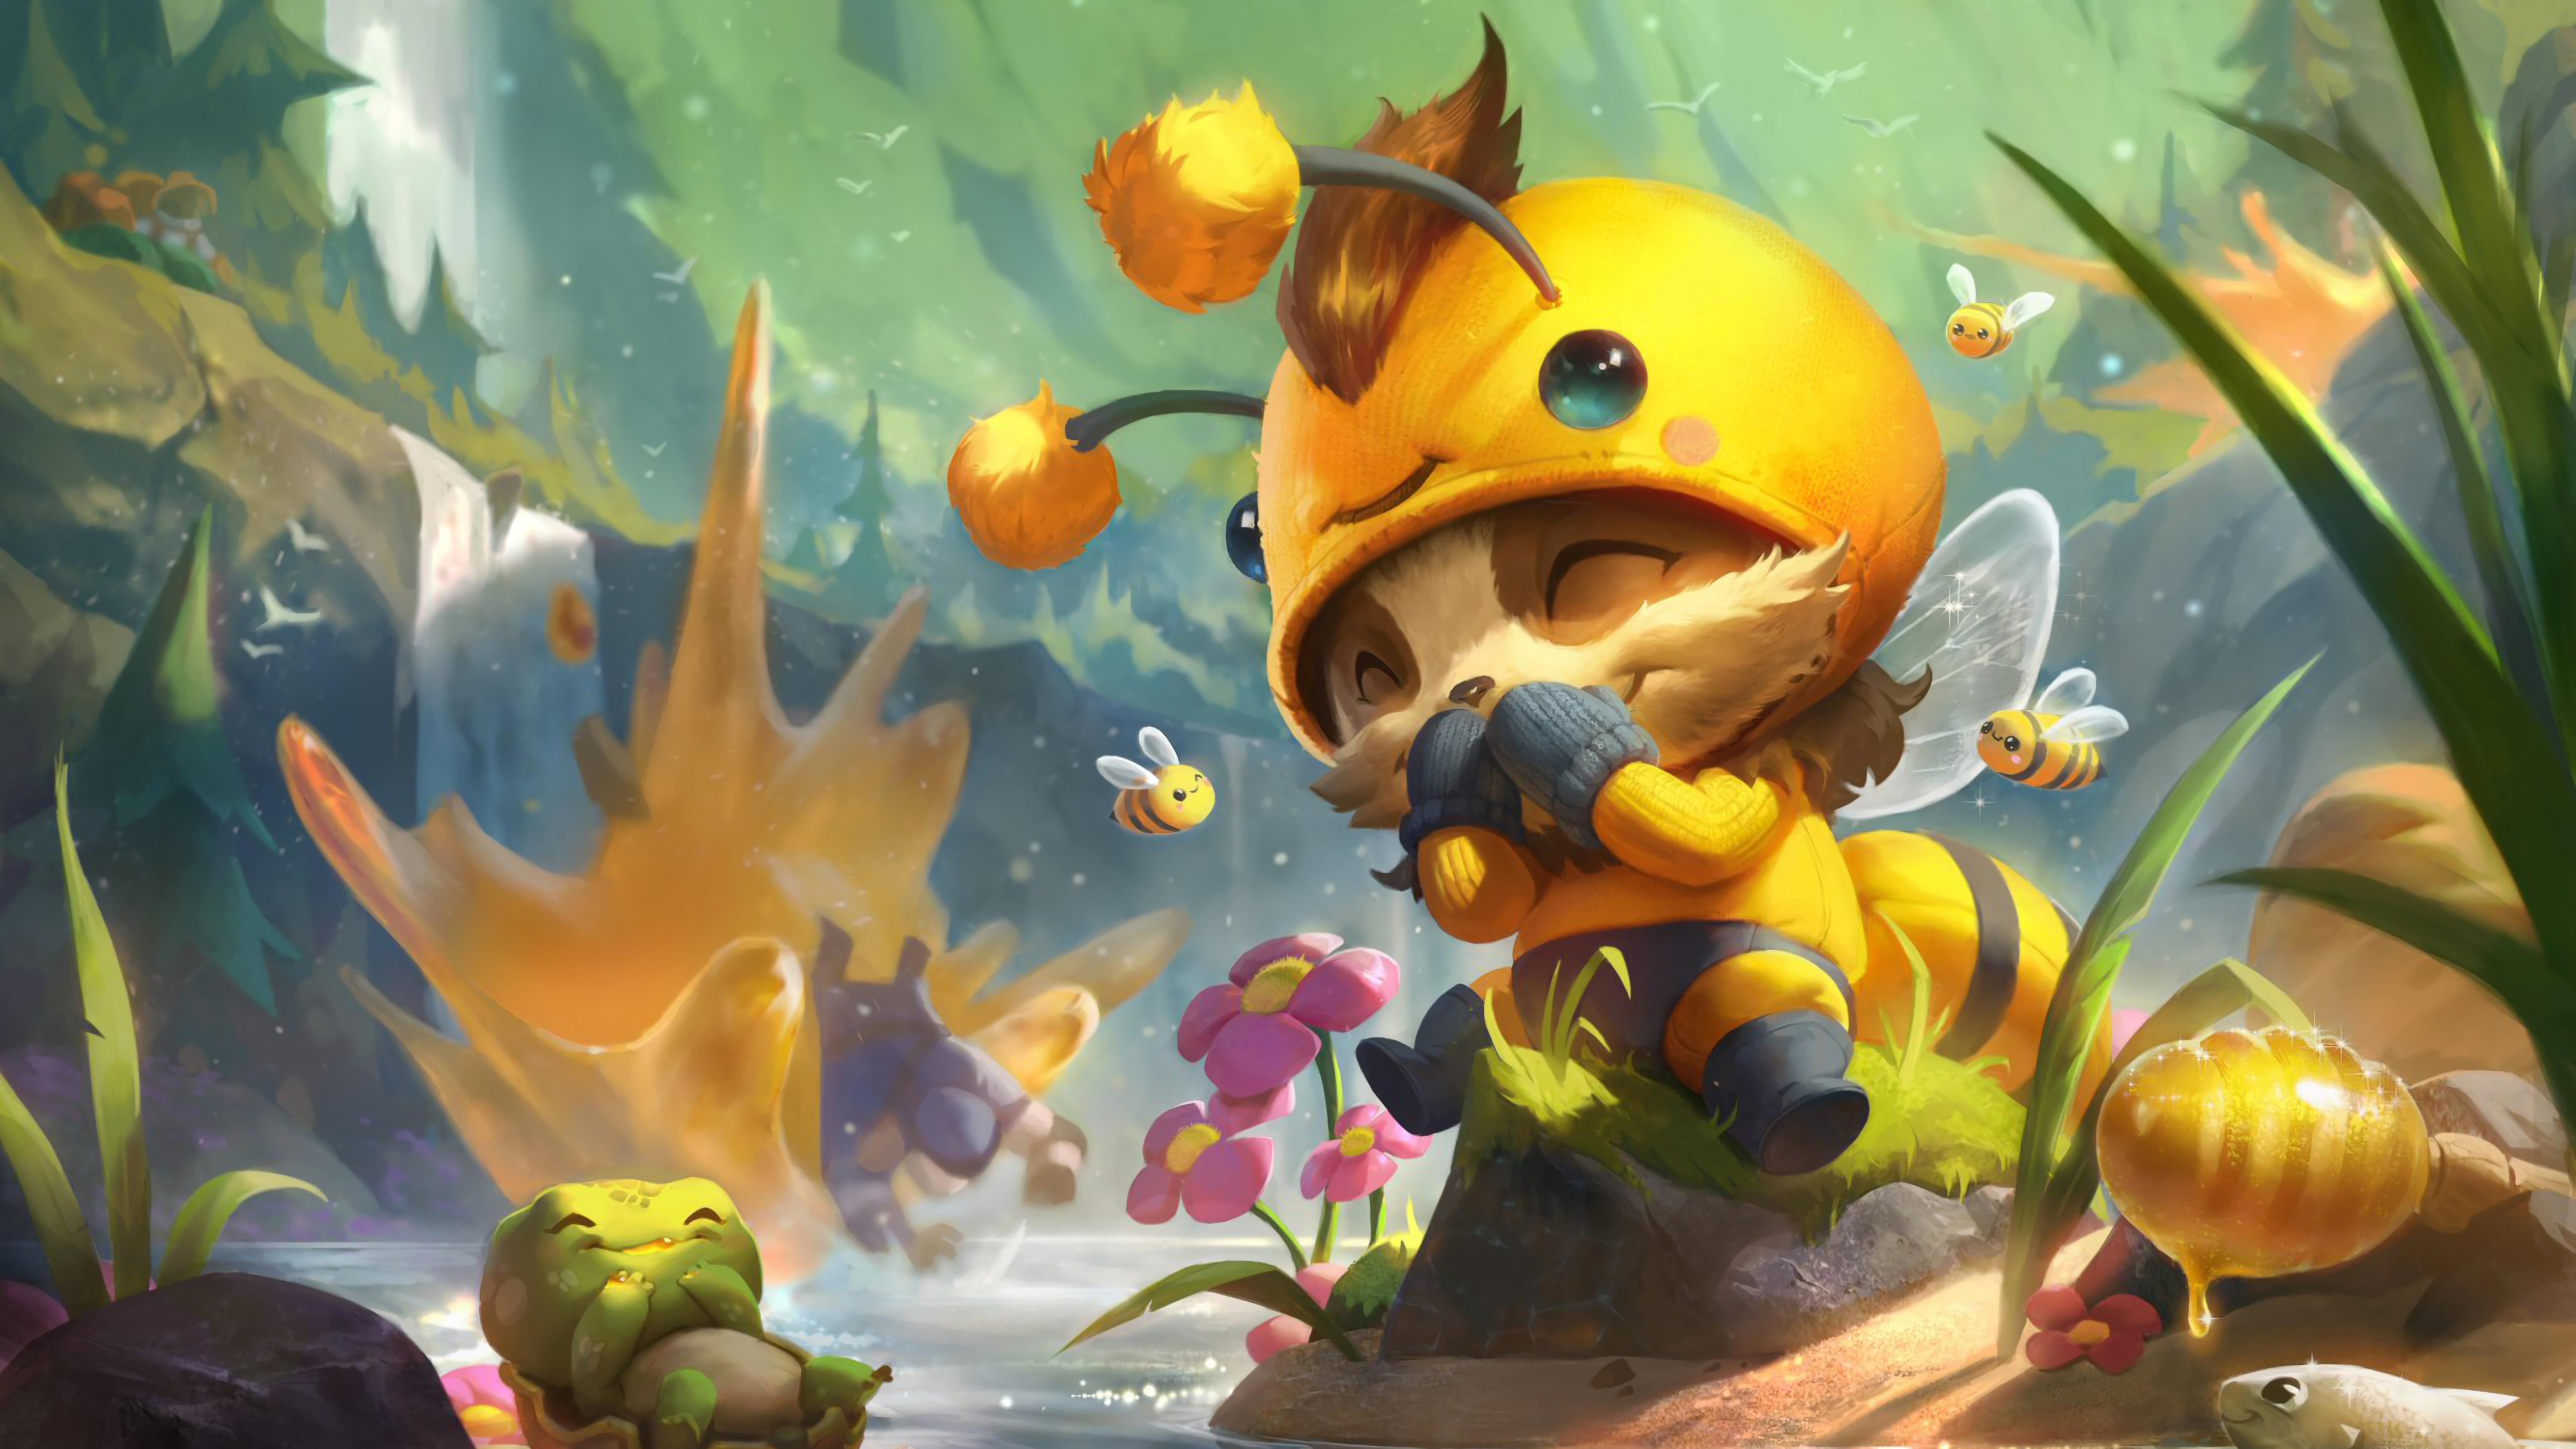 beemo teemo lol splash art league of legends lol 1574103425 - Beemo Teemo LoL Splash Art League of Legends lol - Teemo, league of legends